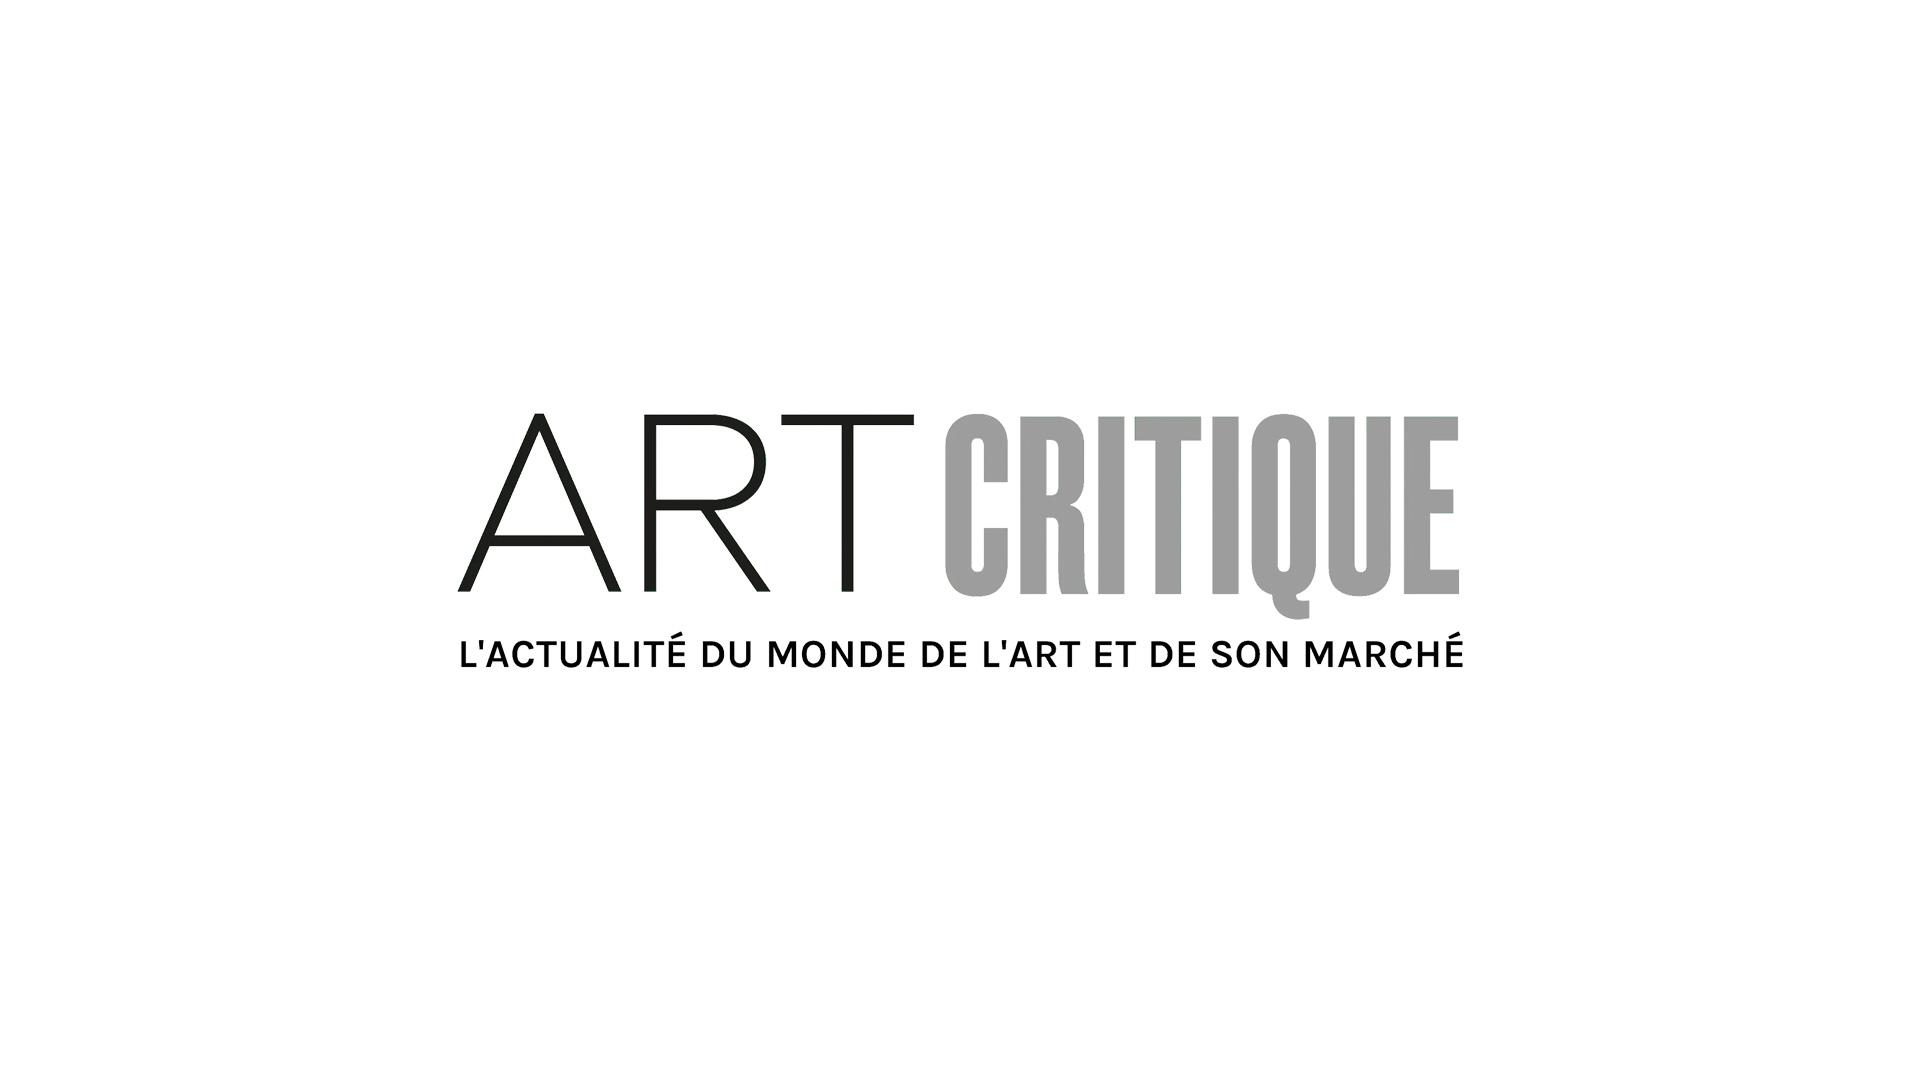 MSCHF cut up a $30,000 Damien Hirst spot painting